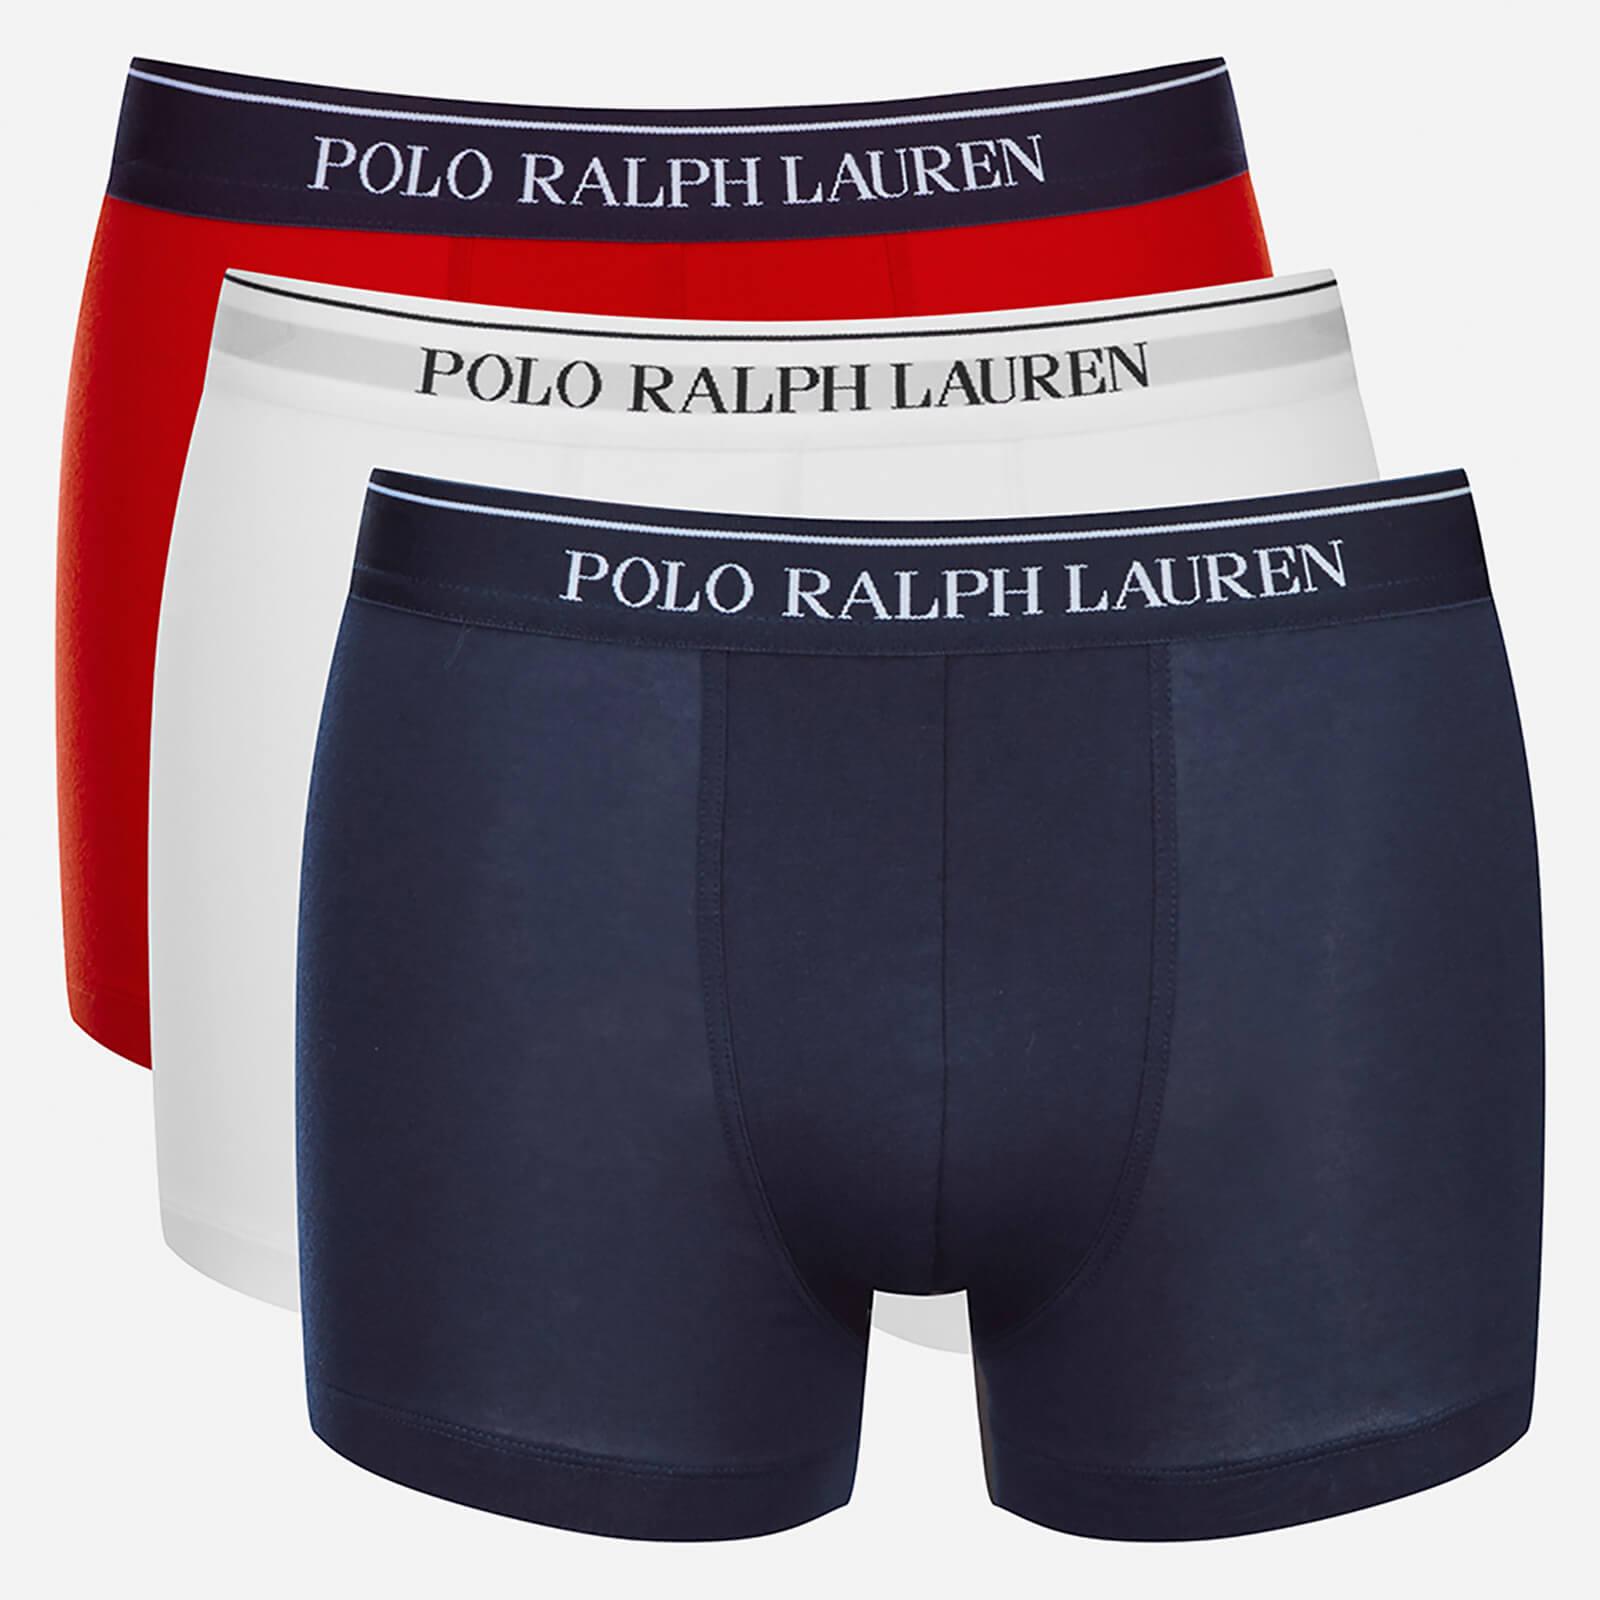 00f0ca31fe3 Polo Ralph Lauren Men's 3 Pack Boxer Shorts - White/Red/Blue